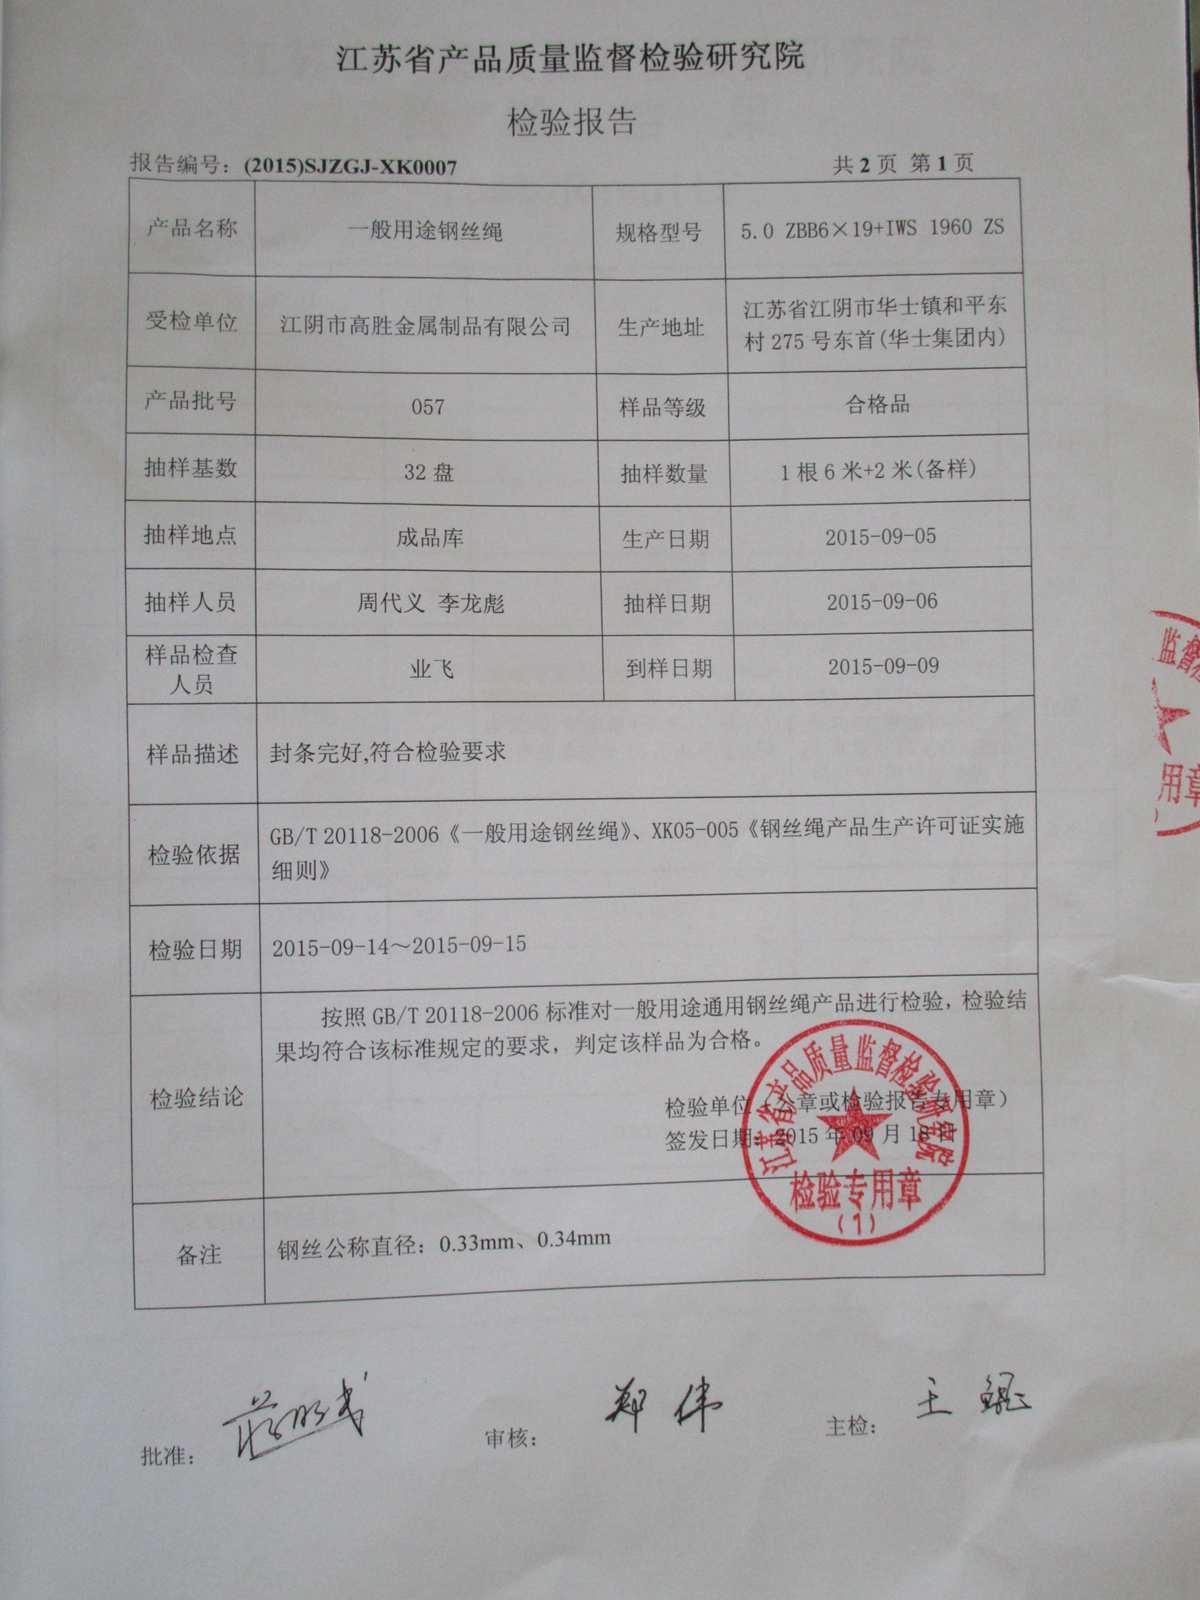 Company Overview - Jiangyin Gaosheng Metal Manufacture Co., Ltd.